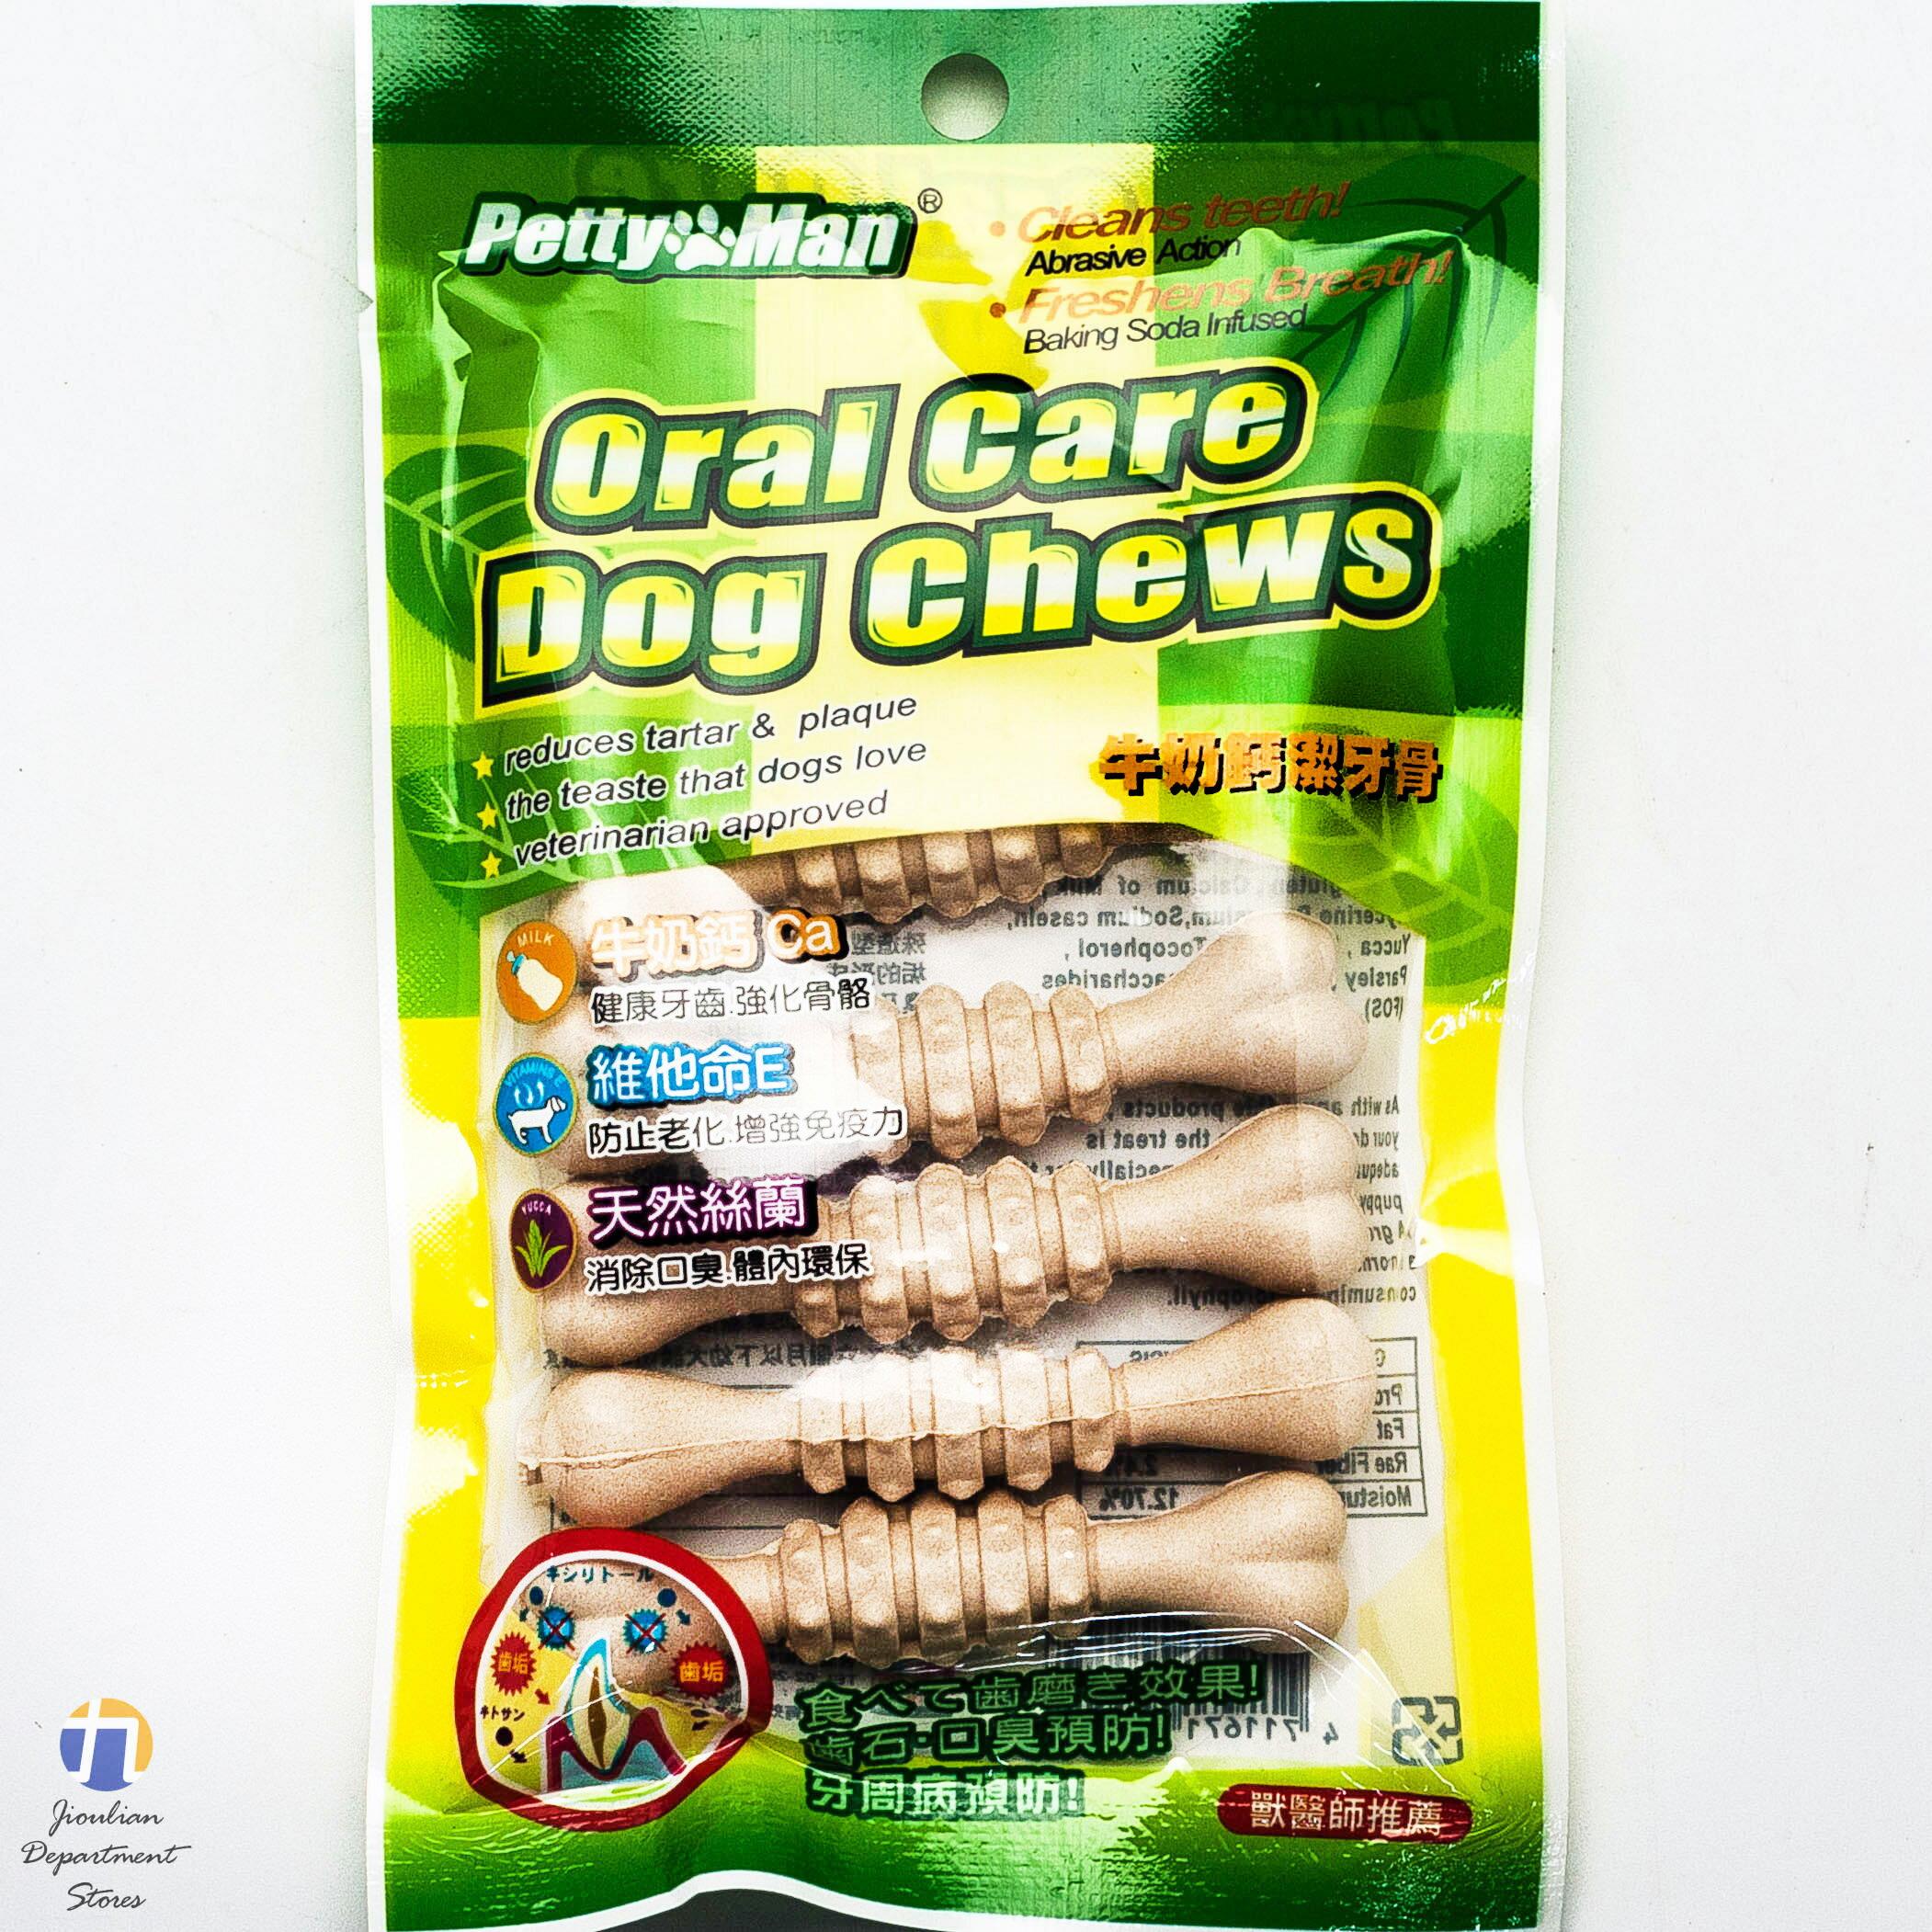 {九聯百貨} Petty man Oral care dog chews 牛奶鈣潔牙骨 獸醫師推薦 5入 (小丁骨型)